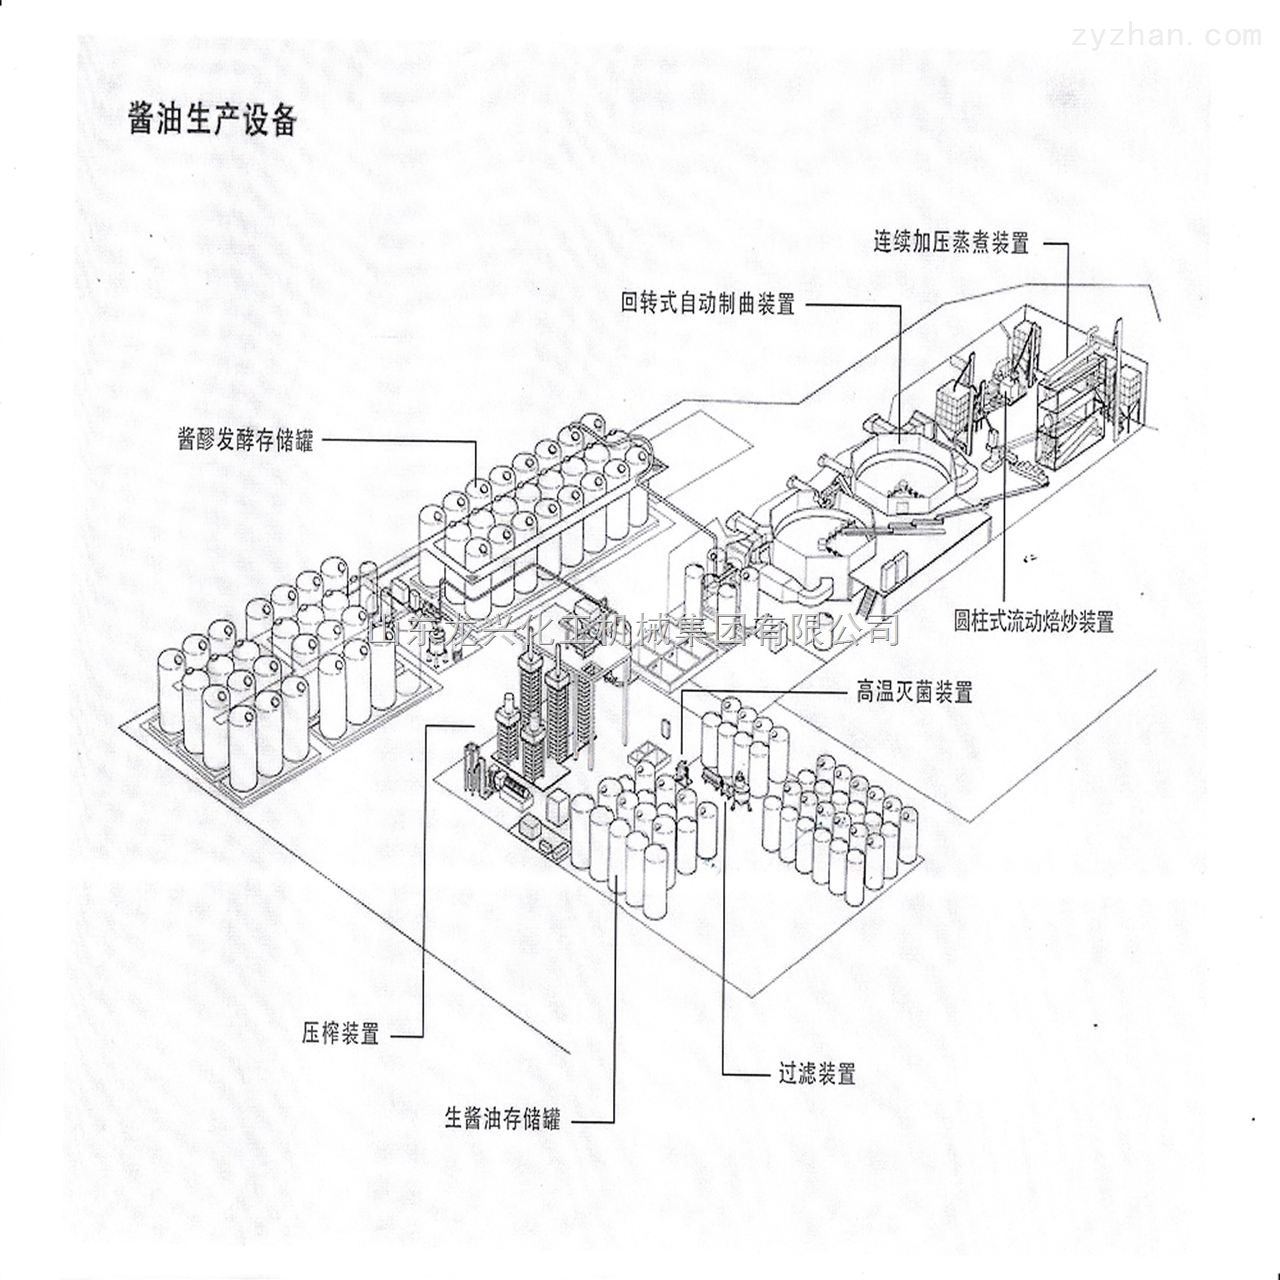 龙兴酱油生产成套设备